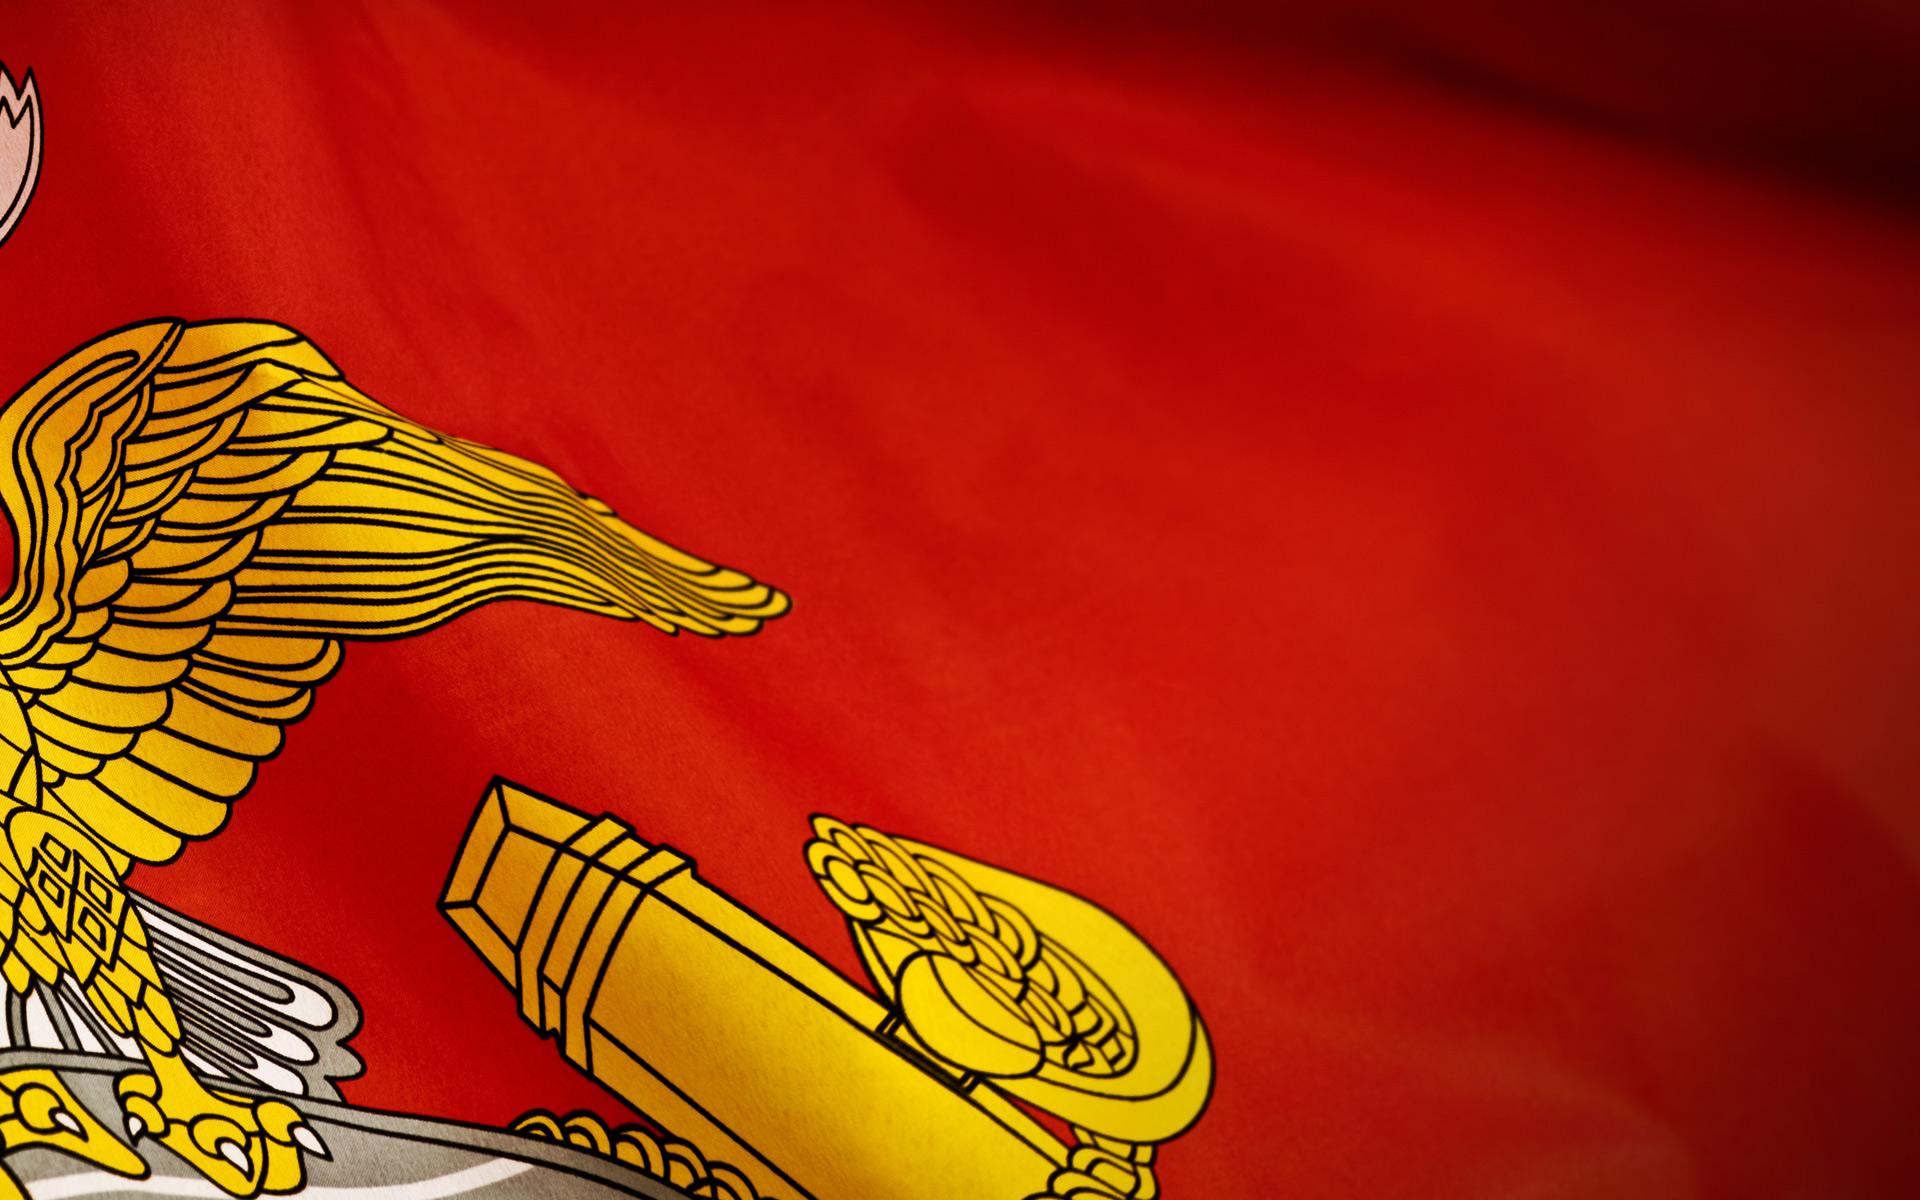 Marine Flag Wallpaper - WallpaperSafari